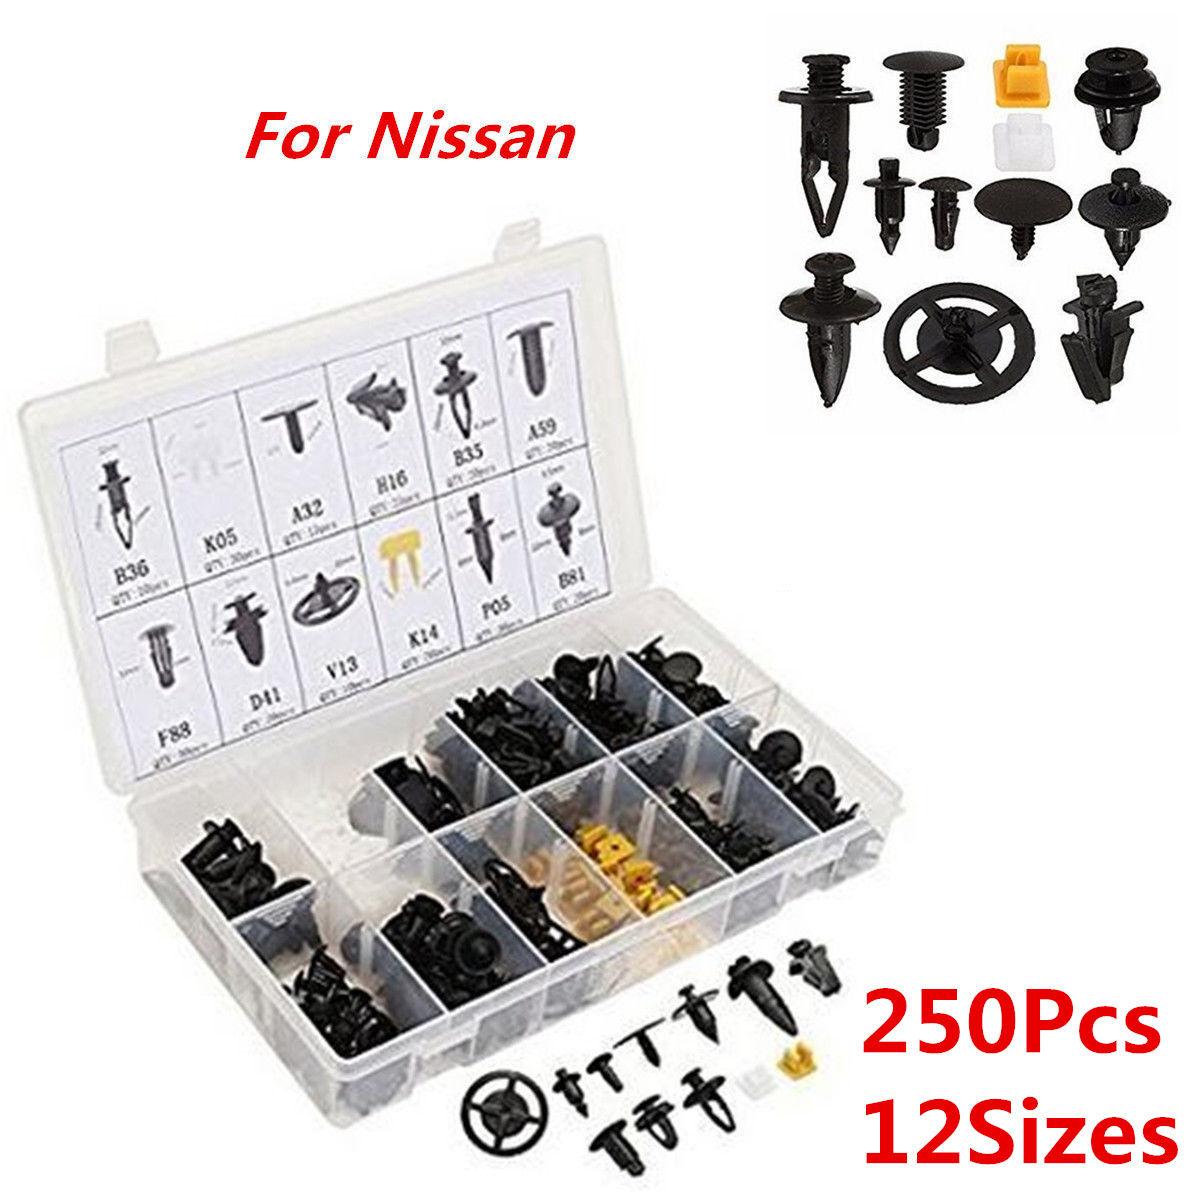 250Pcs Clips Trim Auto Car Body Fender Bumper Retainer Assortment Kit For Nissan